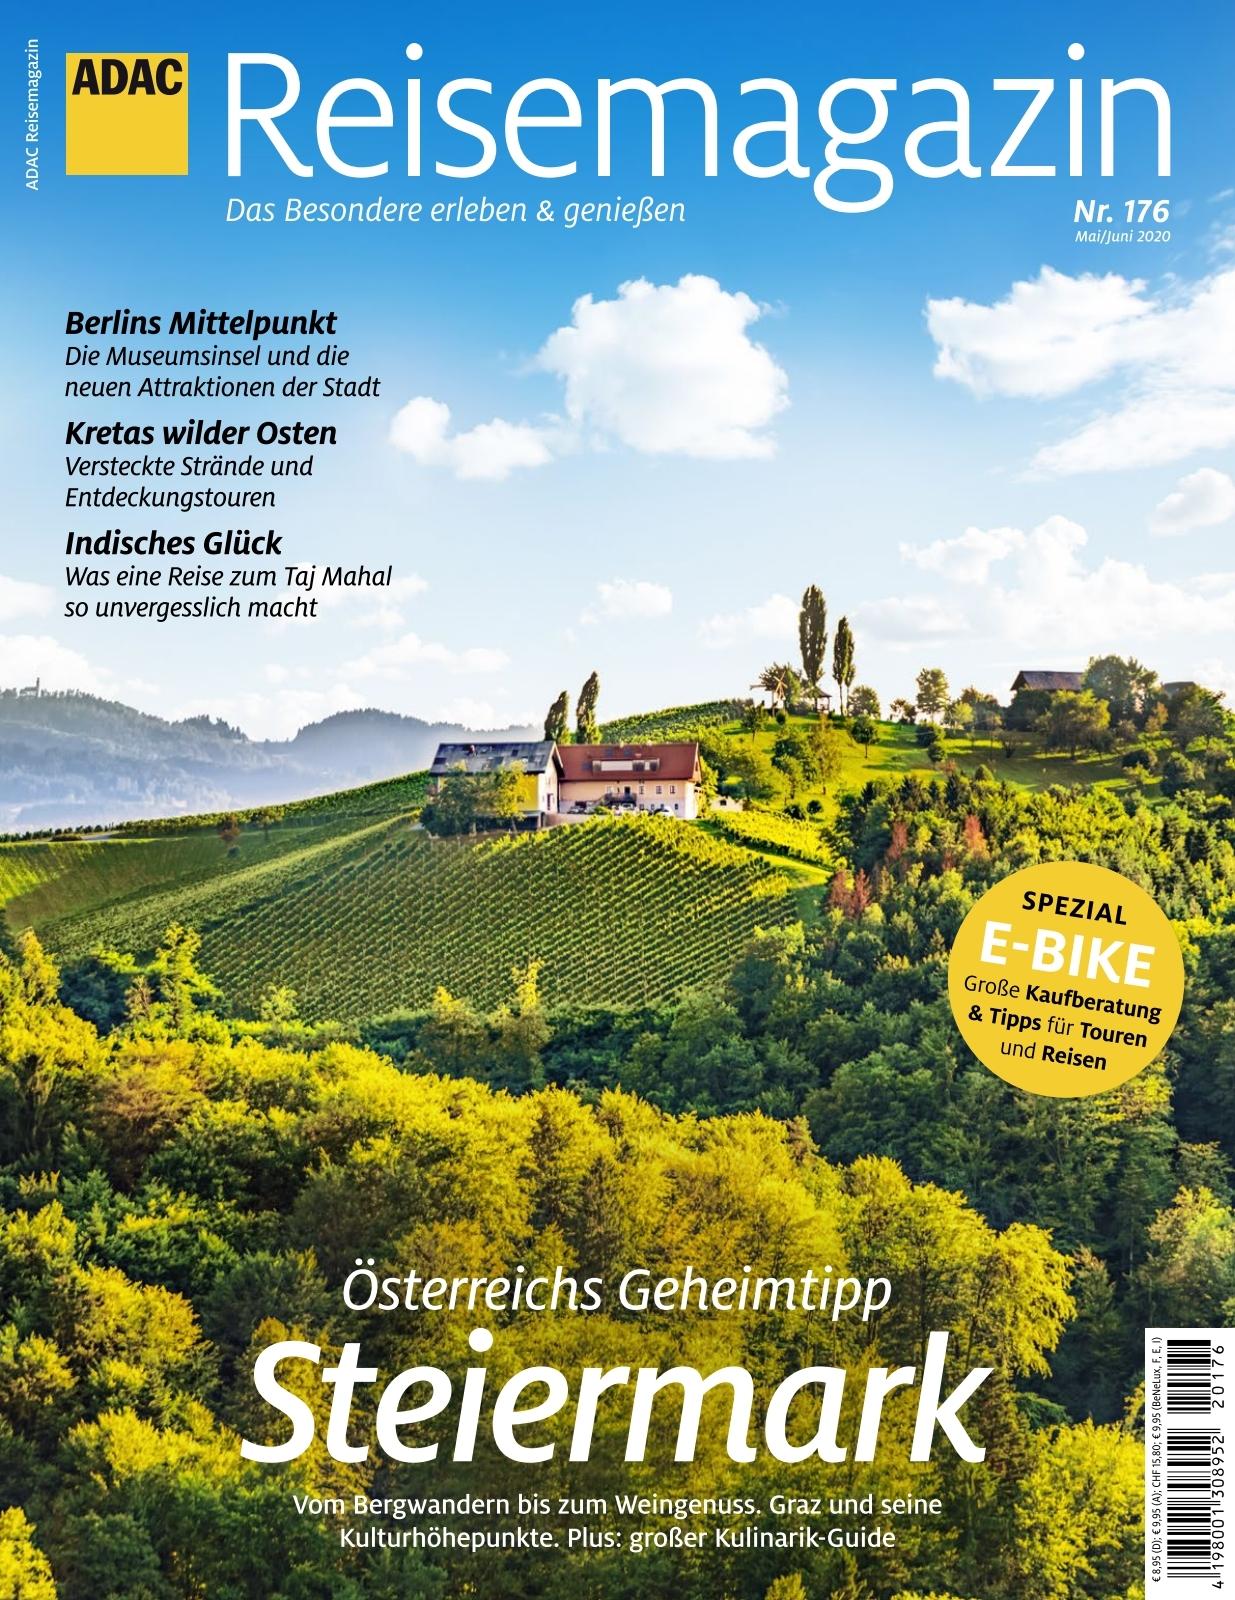 Sankt Stefan im Rosental | Thermen- & Vulkanland Steiermark